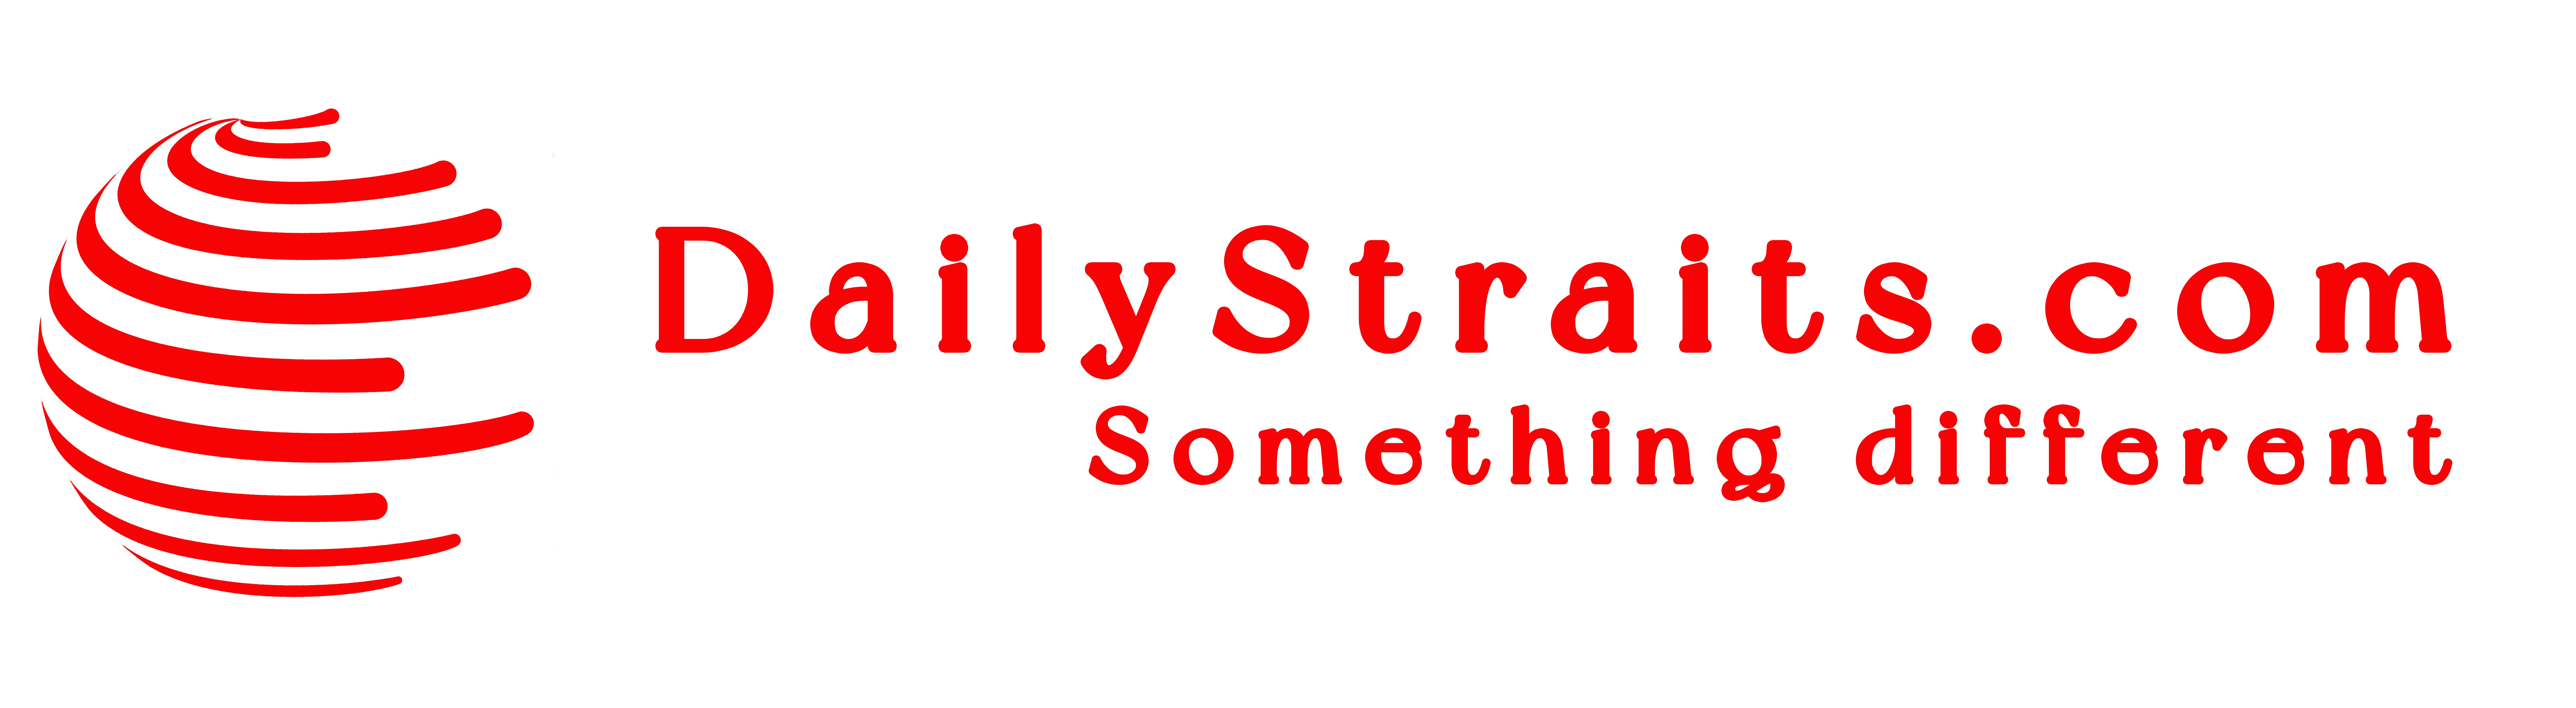 DailyStraits.com Logo